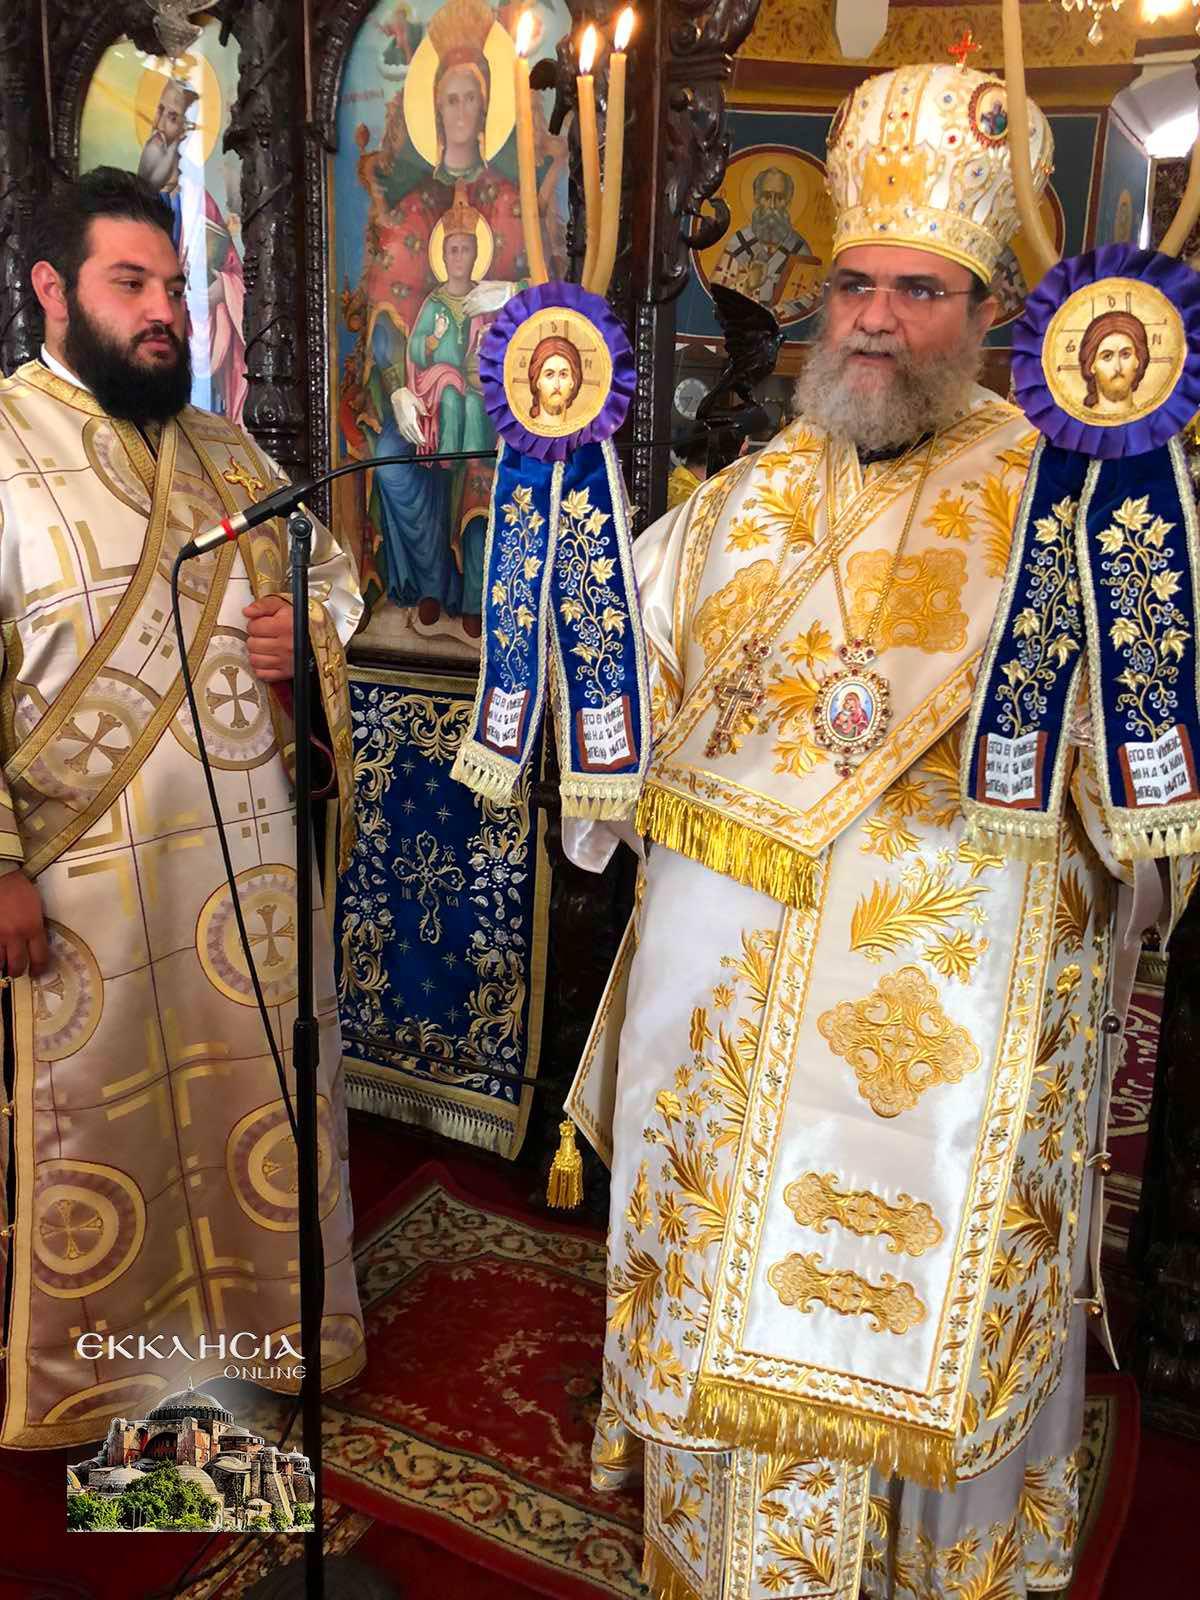 2ο ετήσιο Μνημόσυνο Μητροπολίτου Σισανίου και Σιατίστης Παύλου